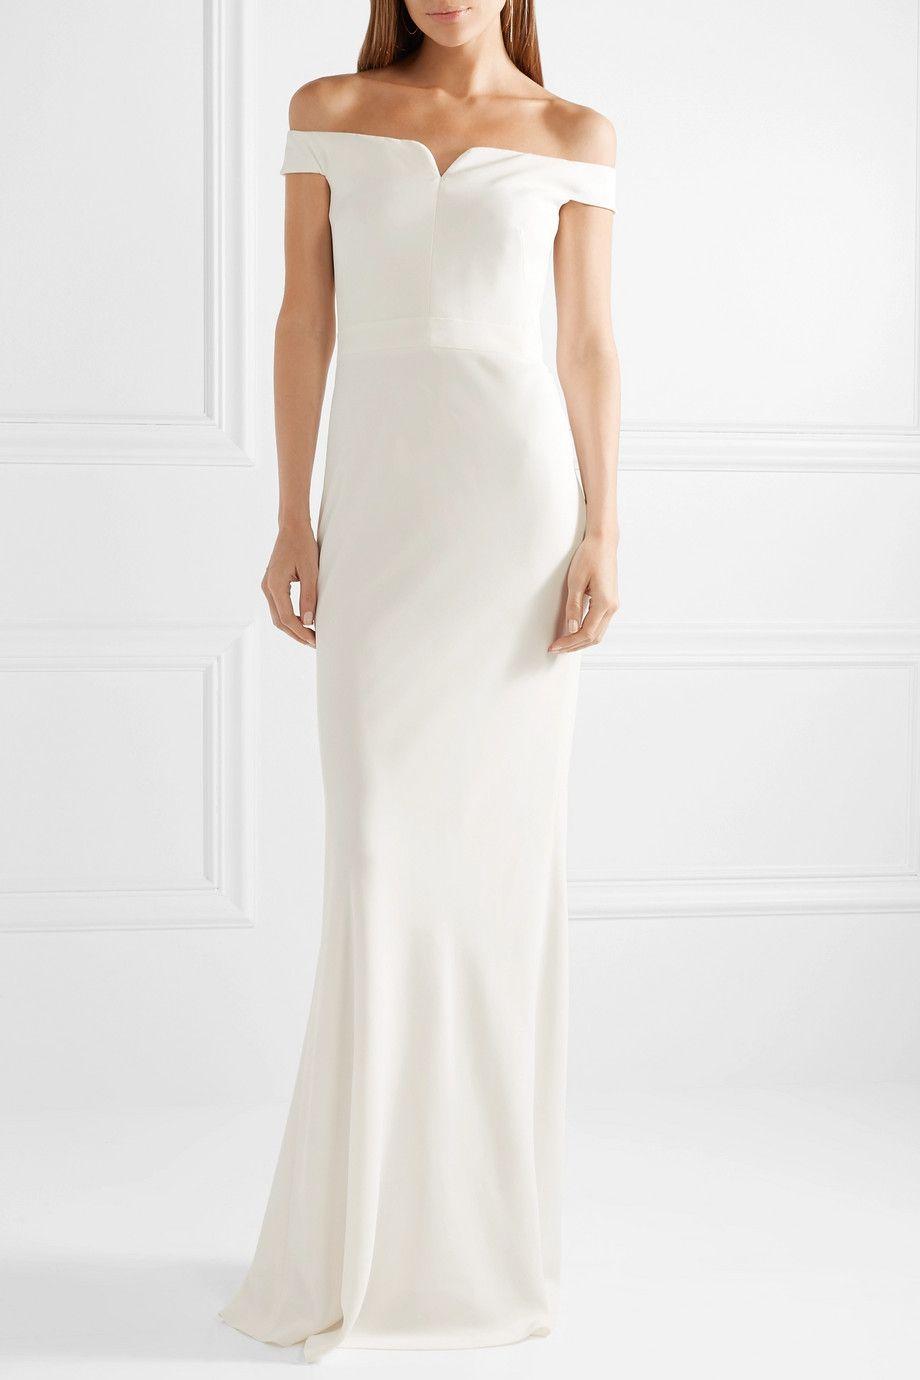 Alexander Mcqueen Woman Silk-tulle And Cotton-blend Jacquard Dress Black Size 40 Alexander McQueen svahN0Zpz6